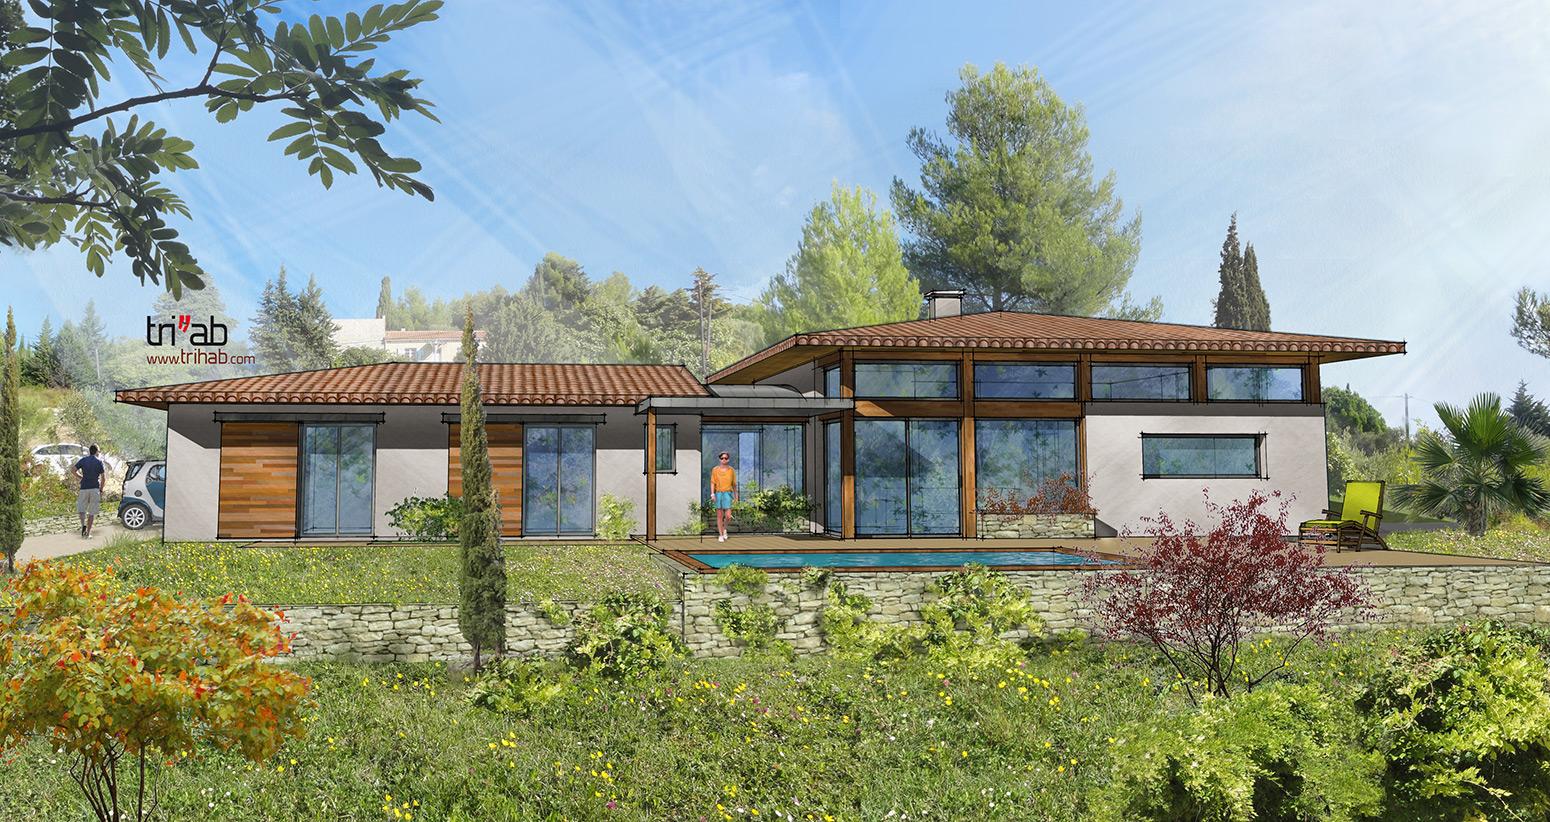 trihab architecture bioclimatique villa proven ale bioclimatique. Black Bedroom Furniture Sets. Home Design Ideas